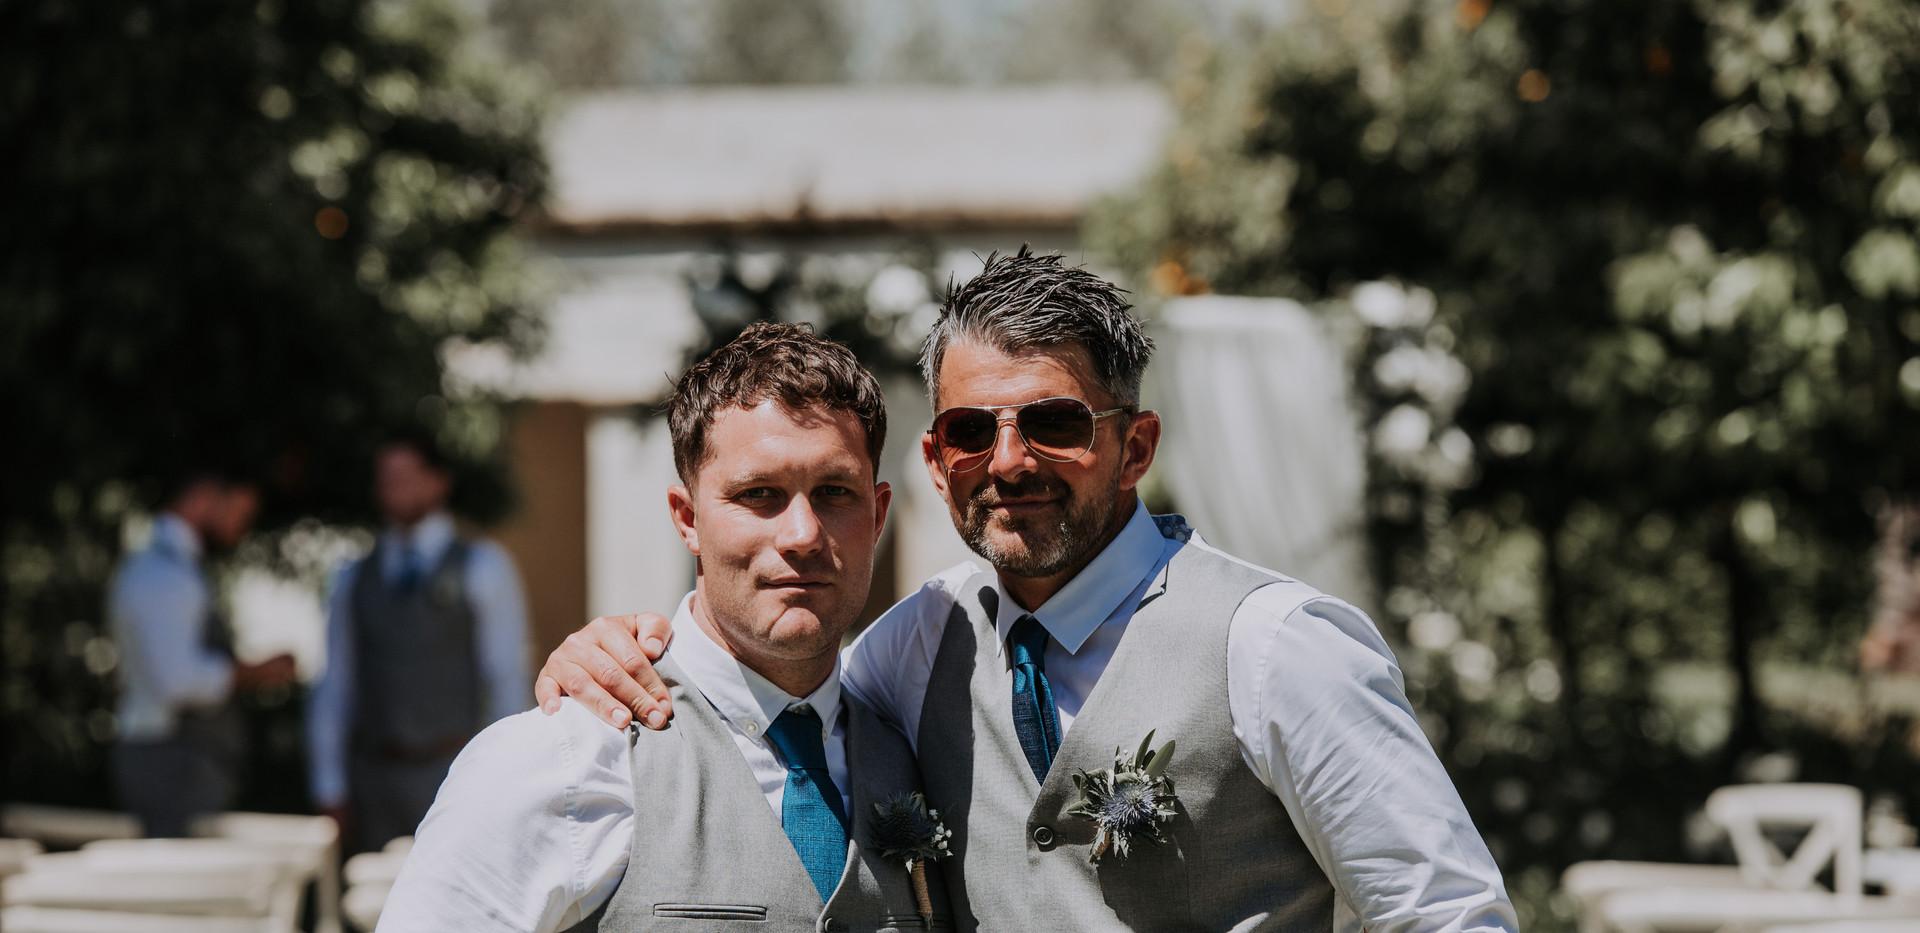 groomsmen at destination wedding